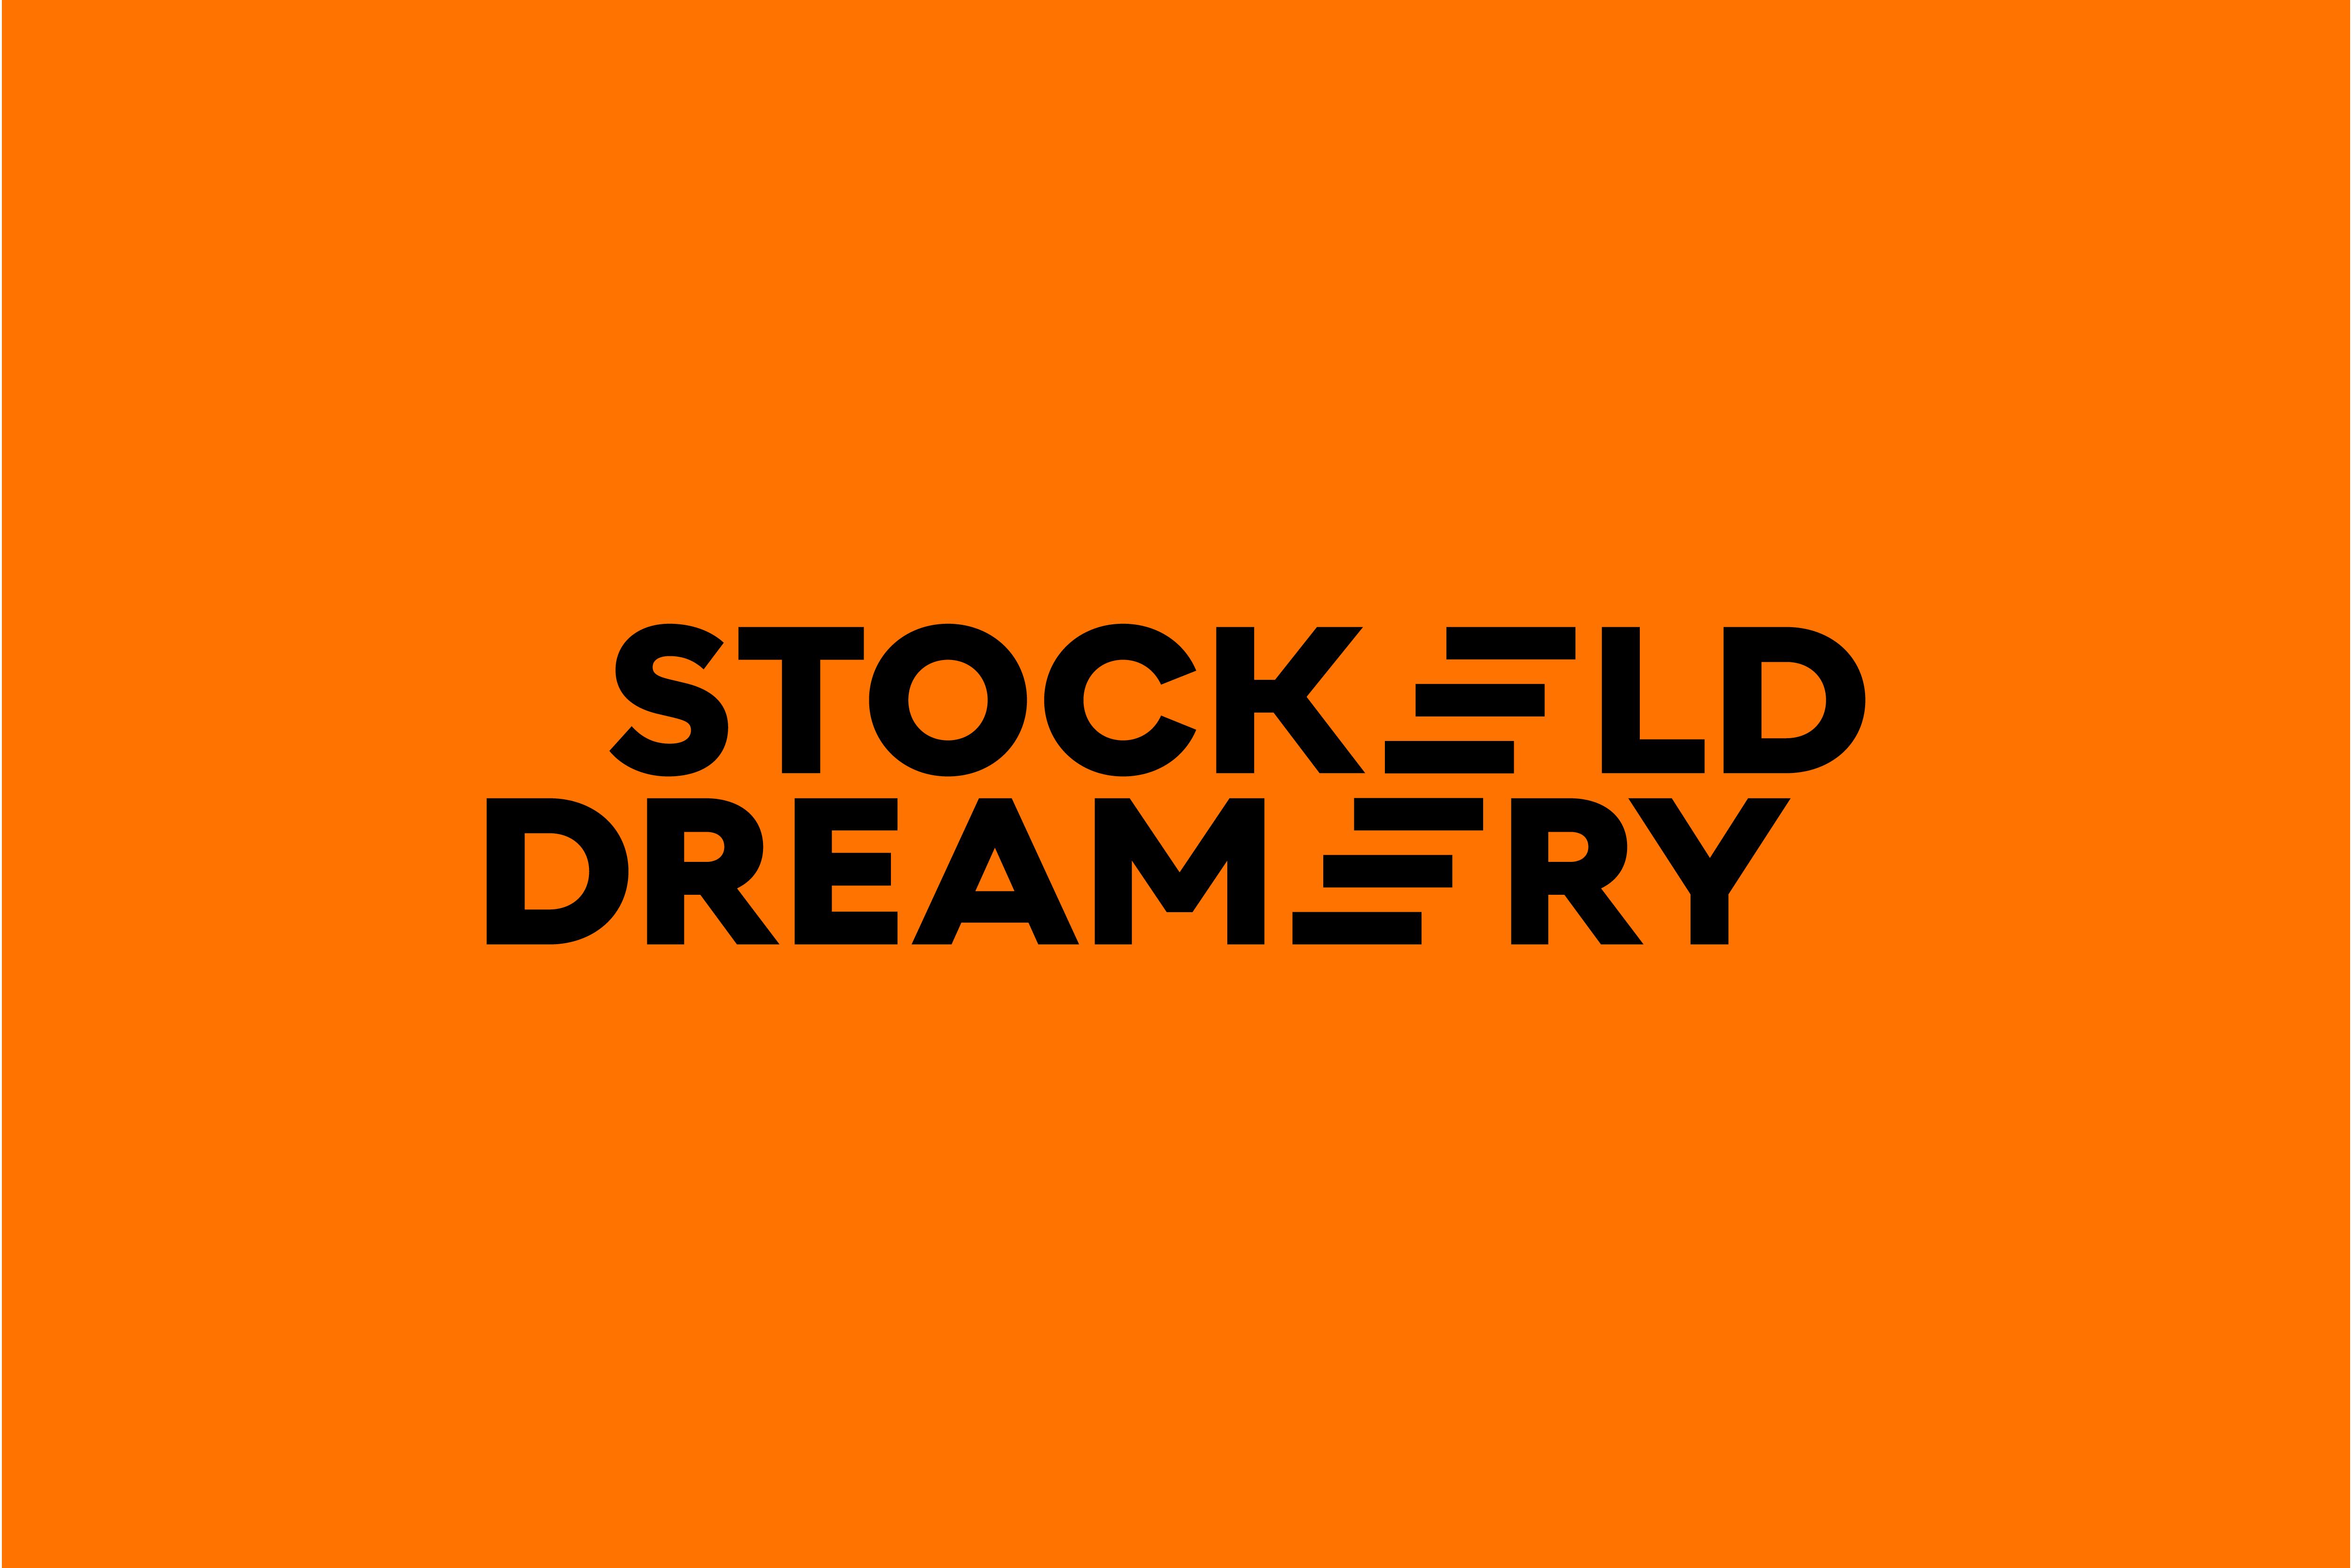 Stockeld Dreamery logo